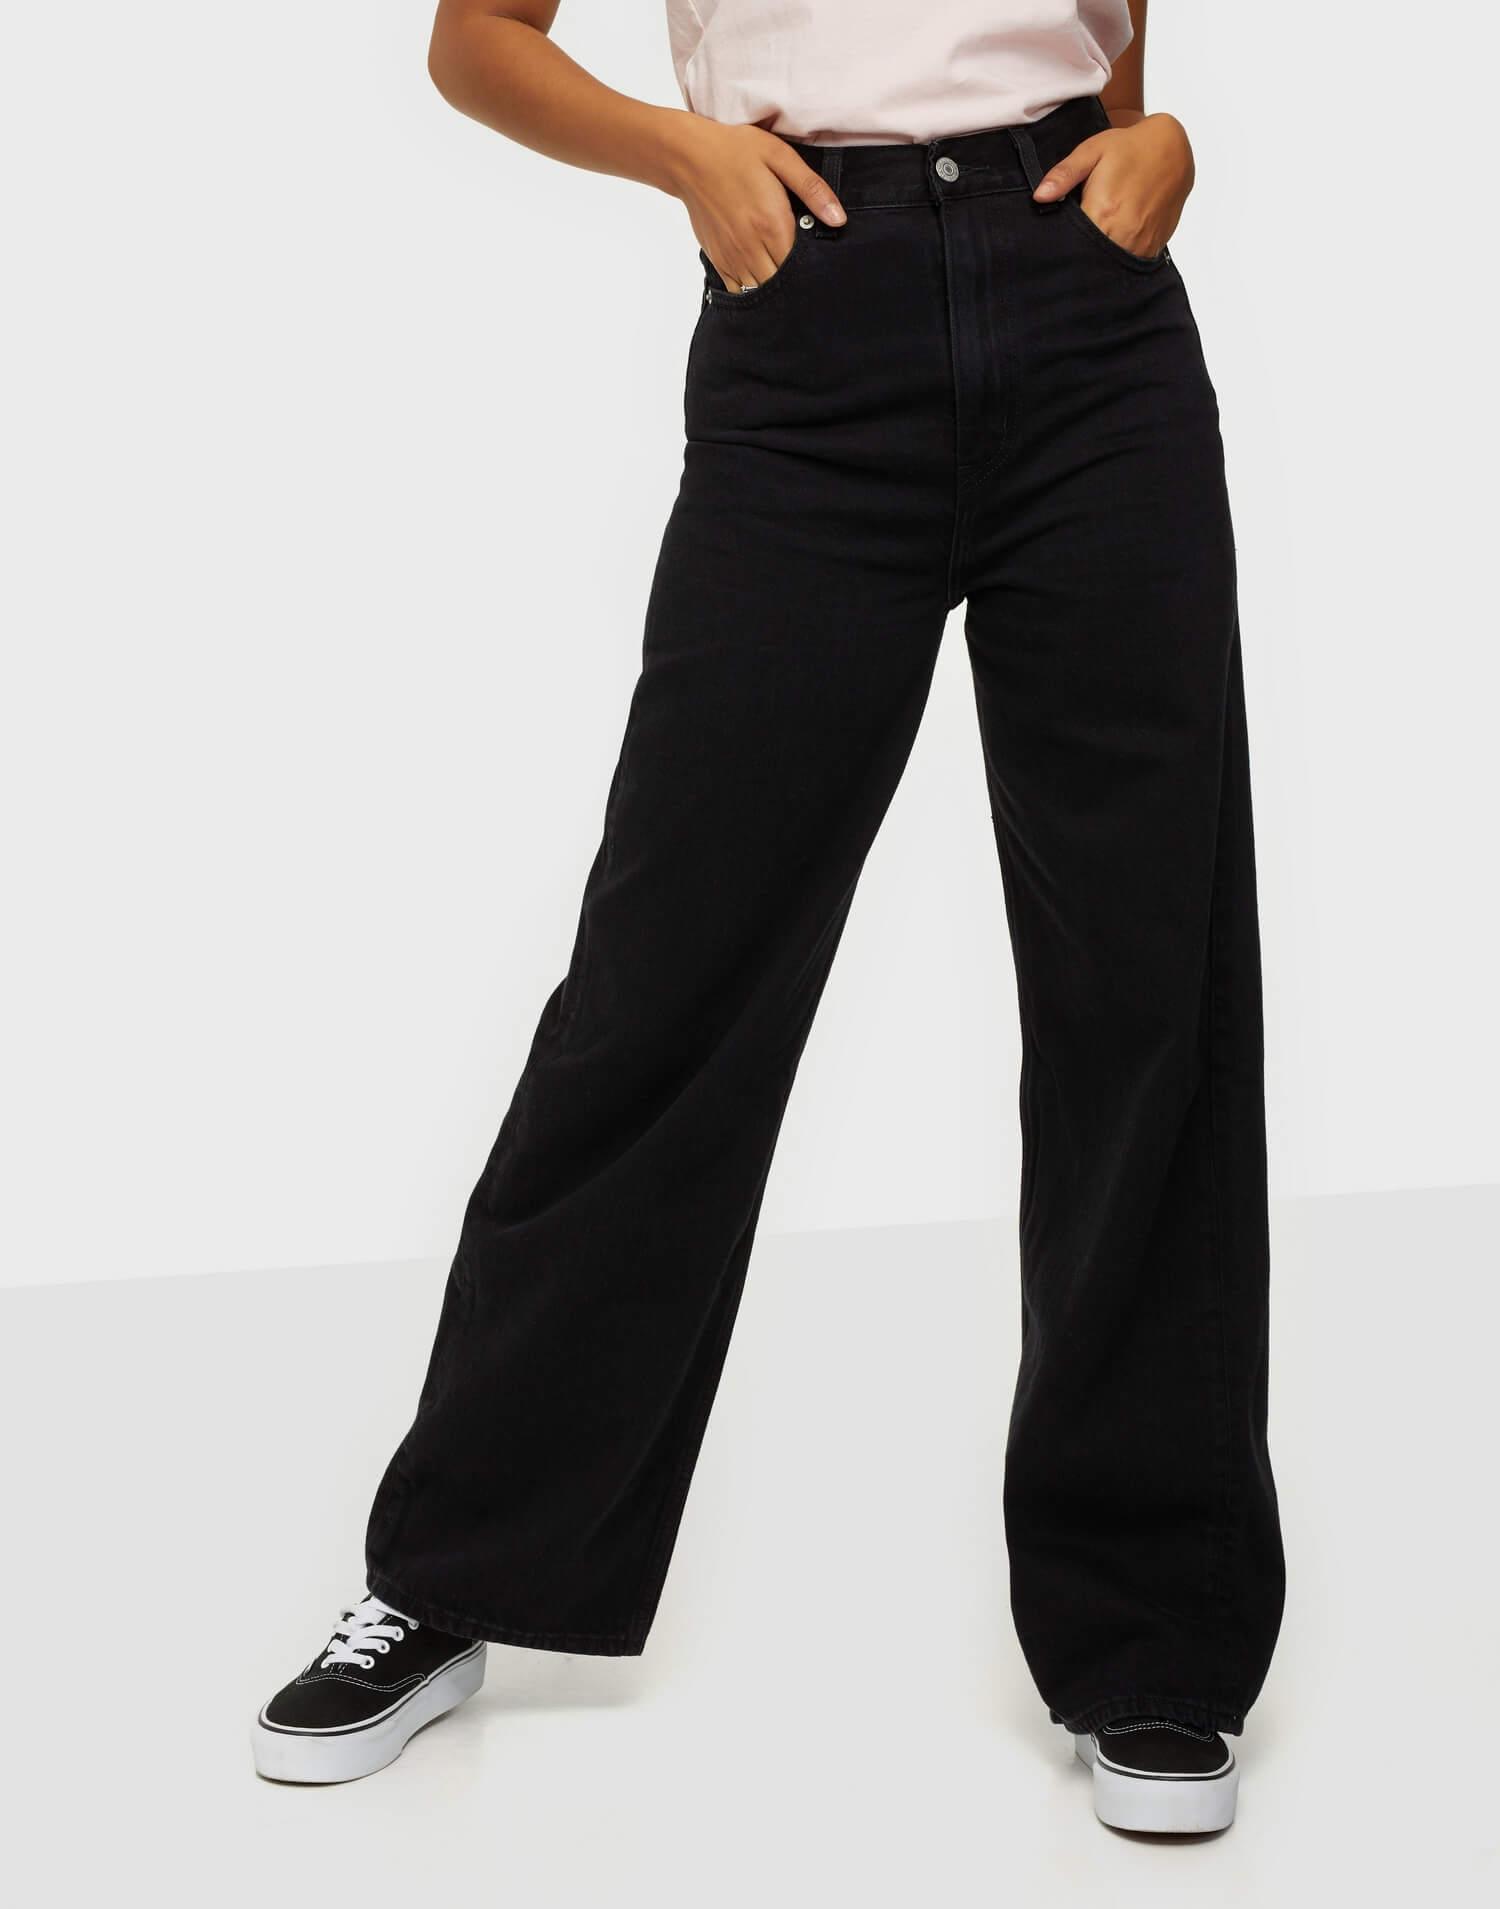 Svarta jeans i loose fit från Levi's.